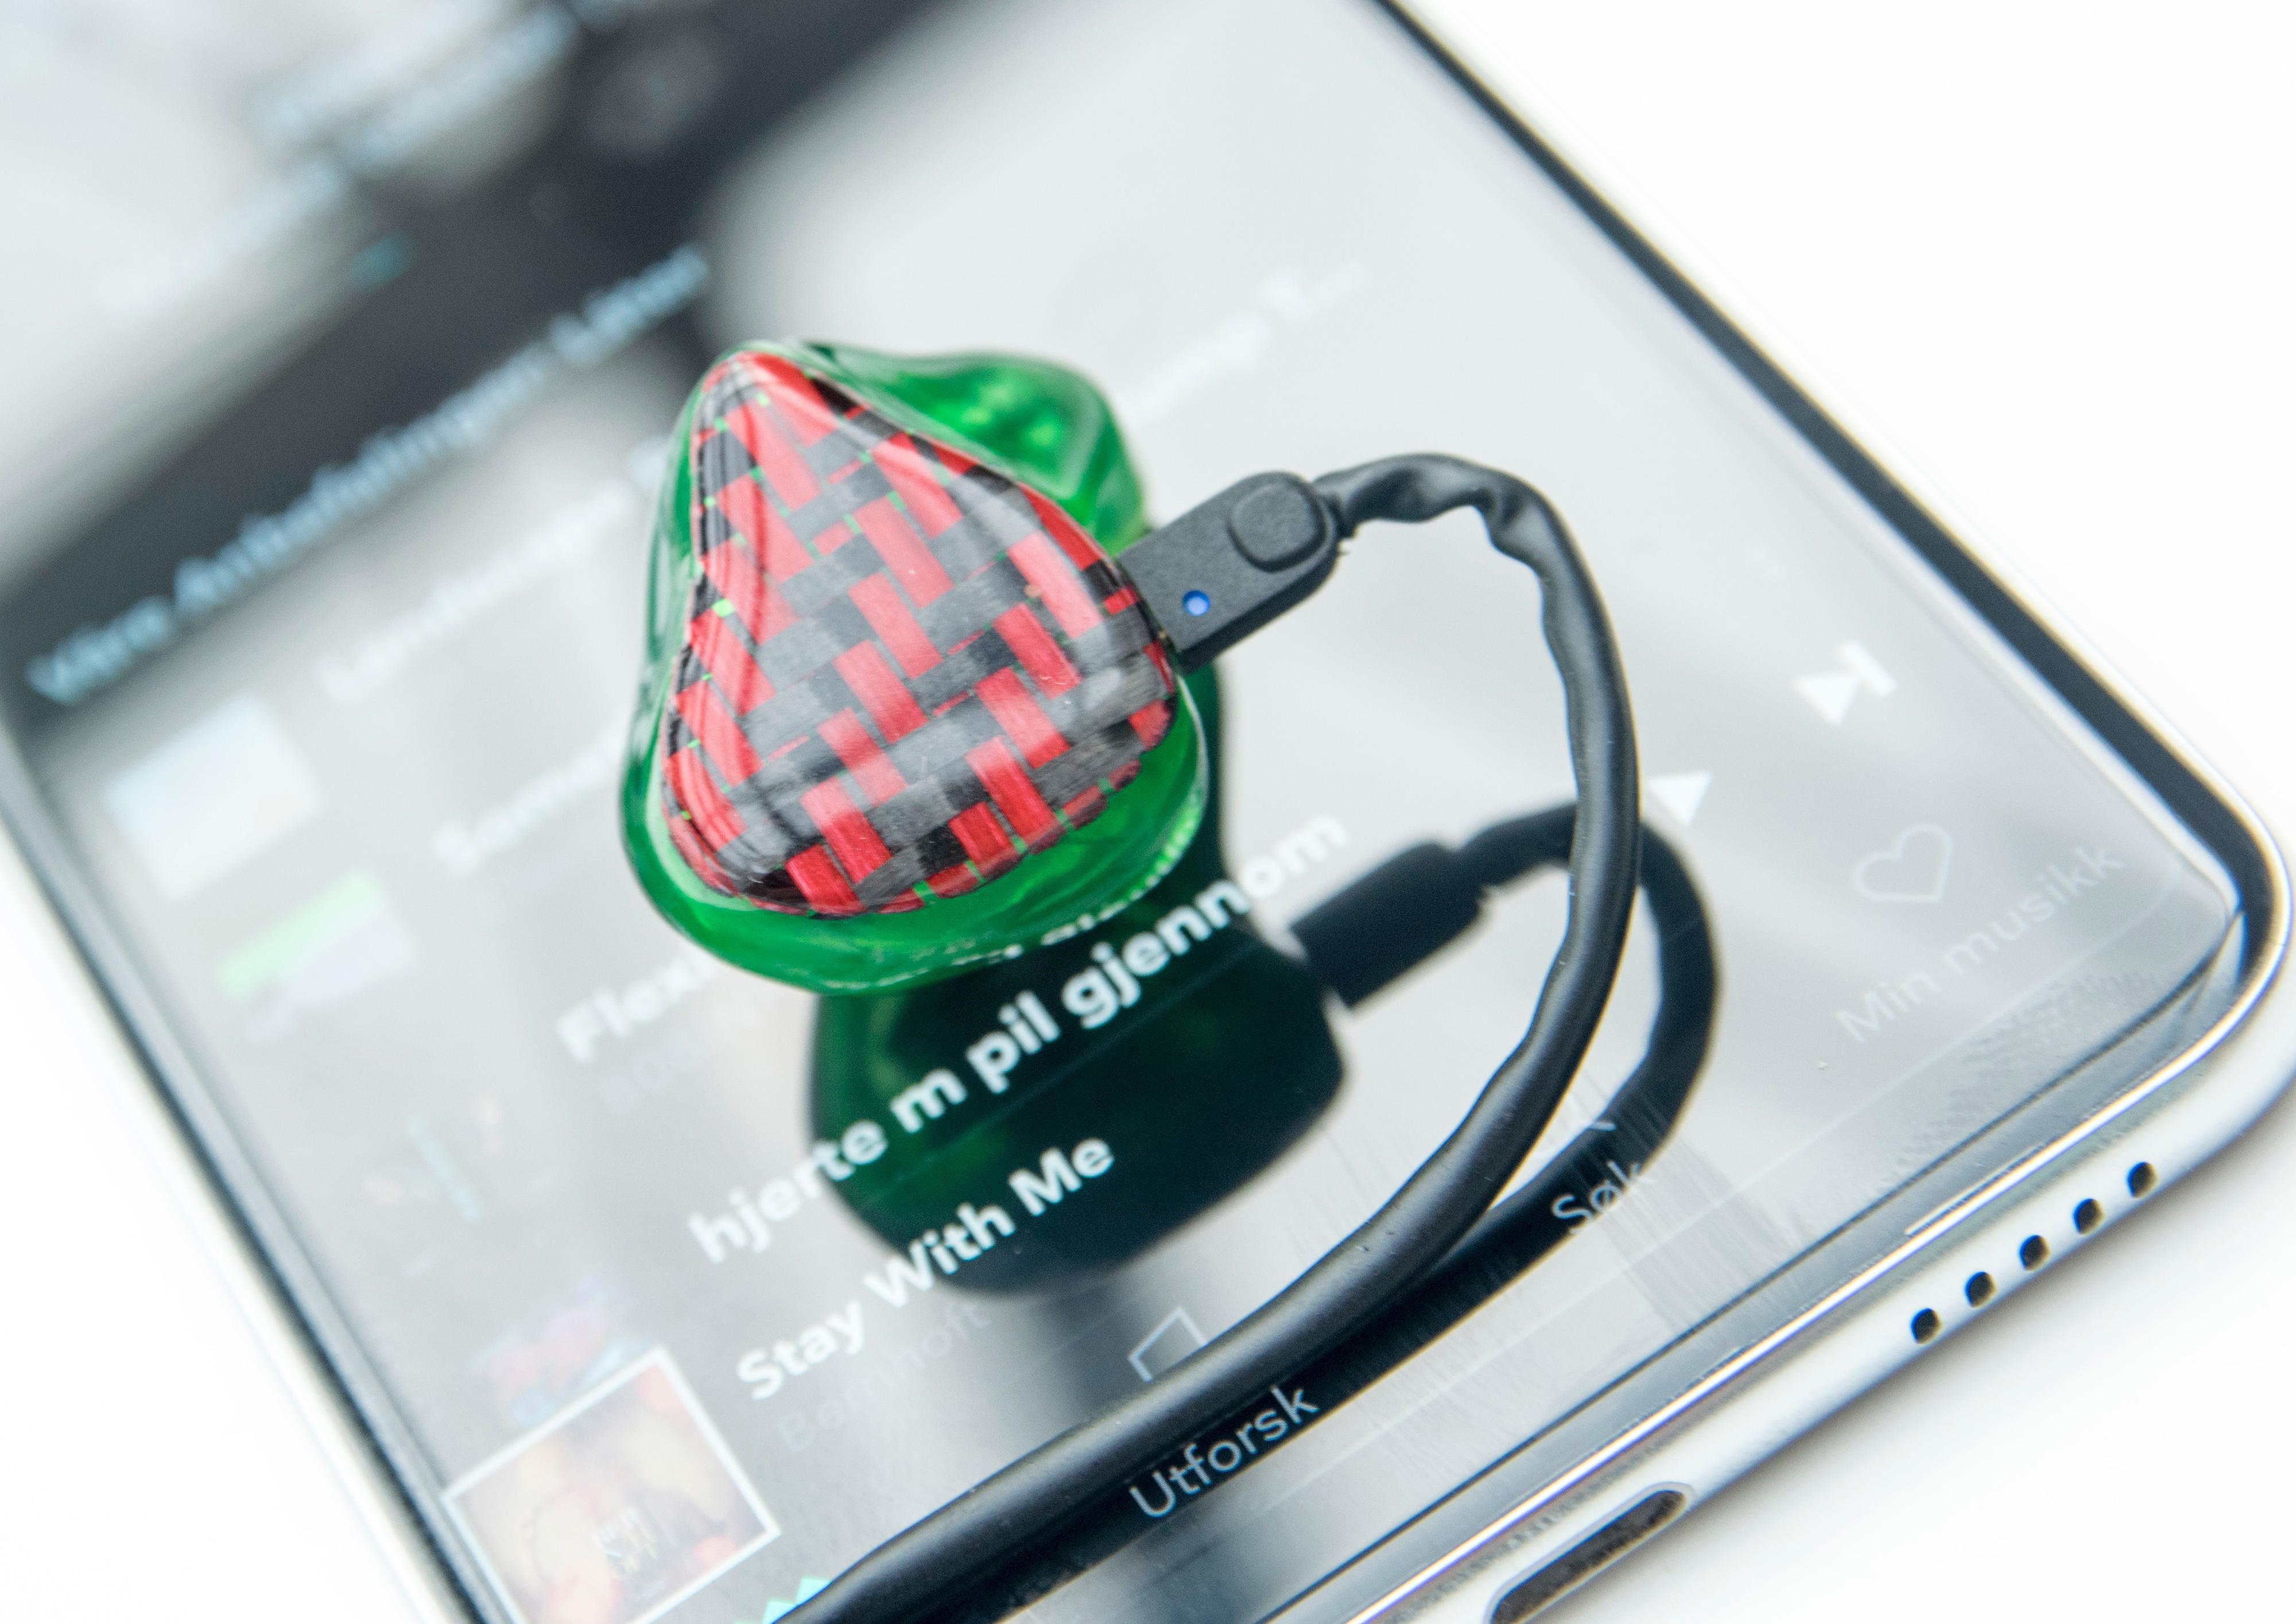 Det følger med fabelaktige ørepropper med V30, men telefonen er ikke redd for betydelig heftigere utstyr, så som Variphone Go2Rock - formstøpte ørepropper av det relativt dyre slaget.